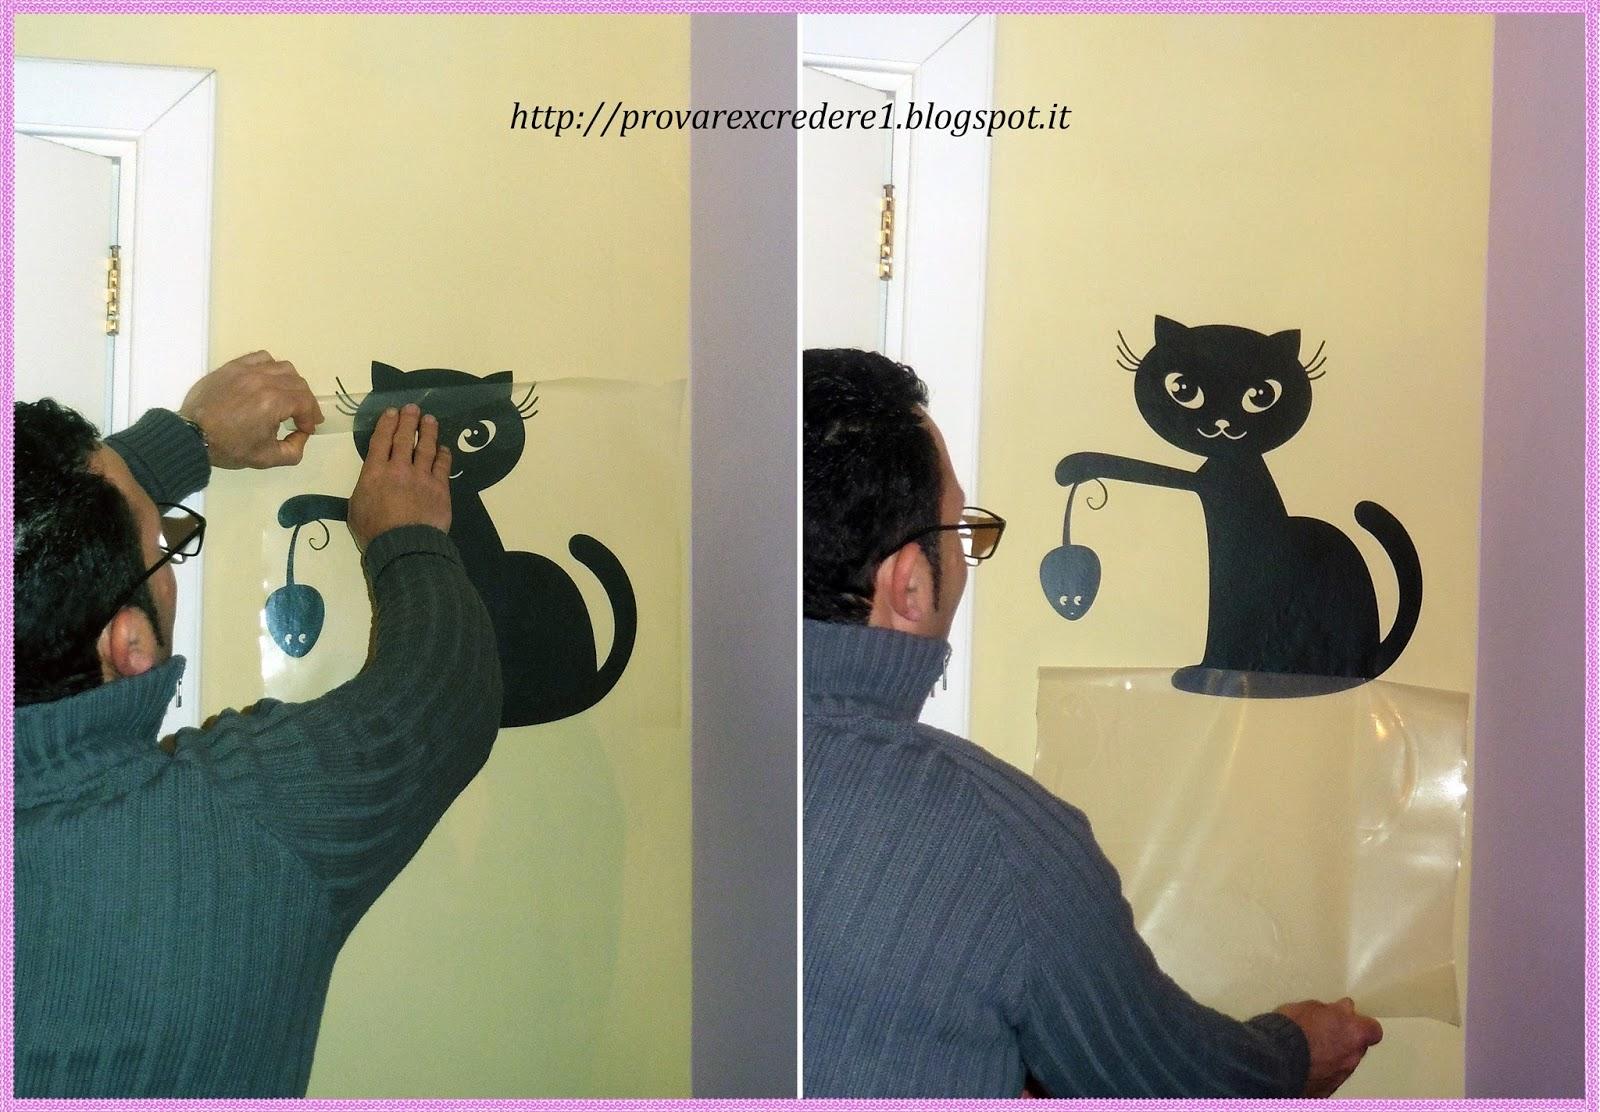 Provare per credere: collaborazione con wall stickers   adesivi murali